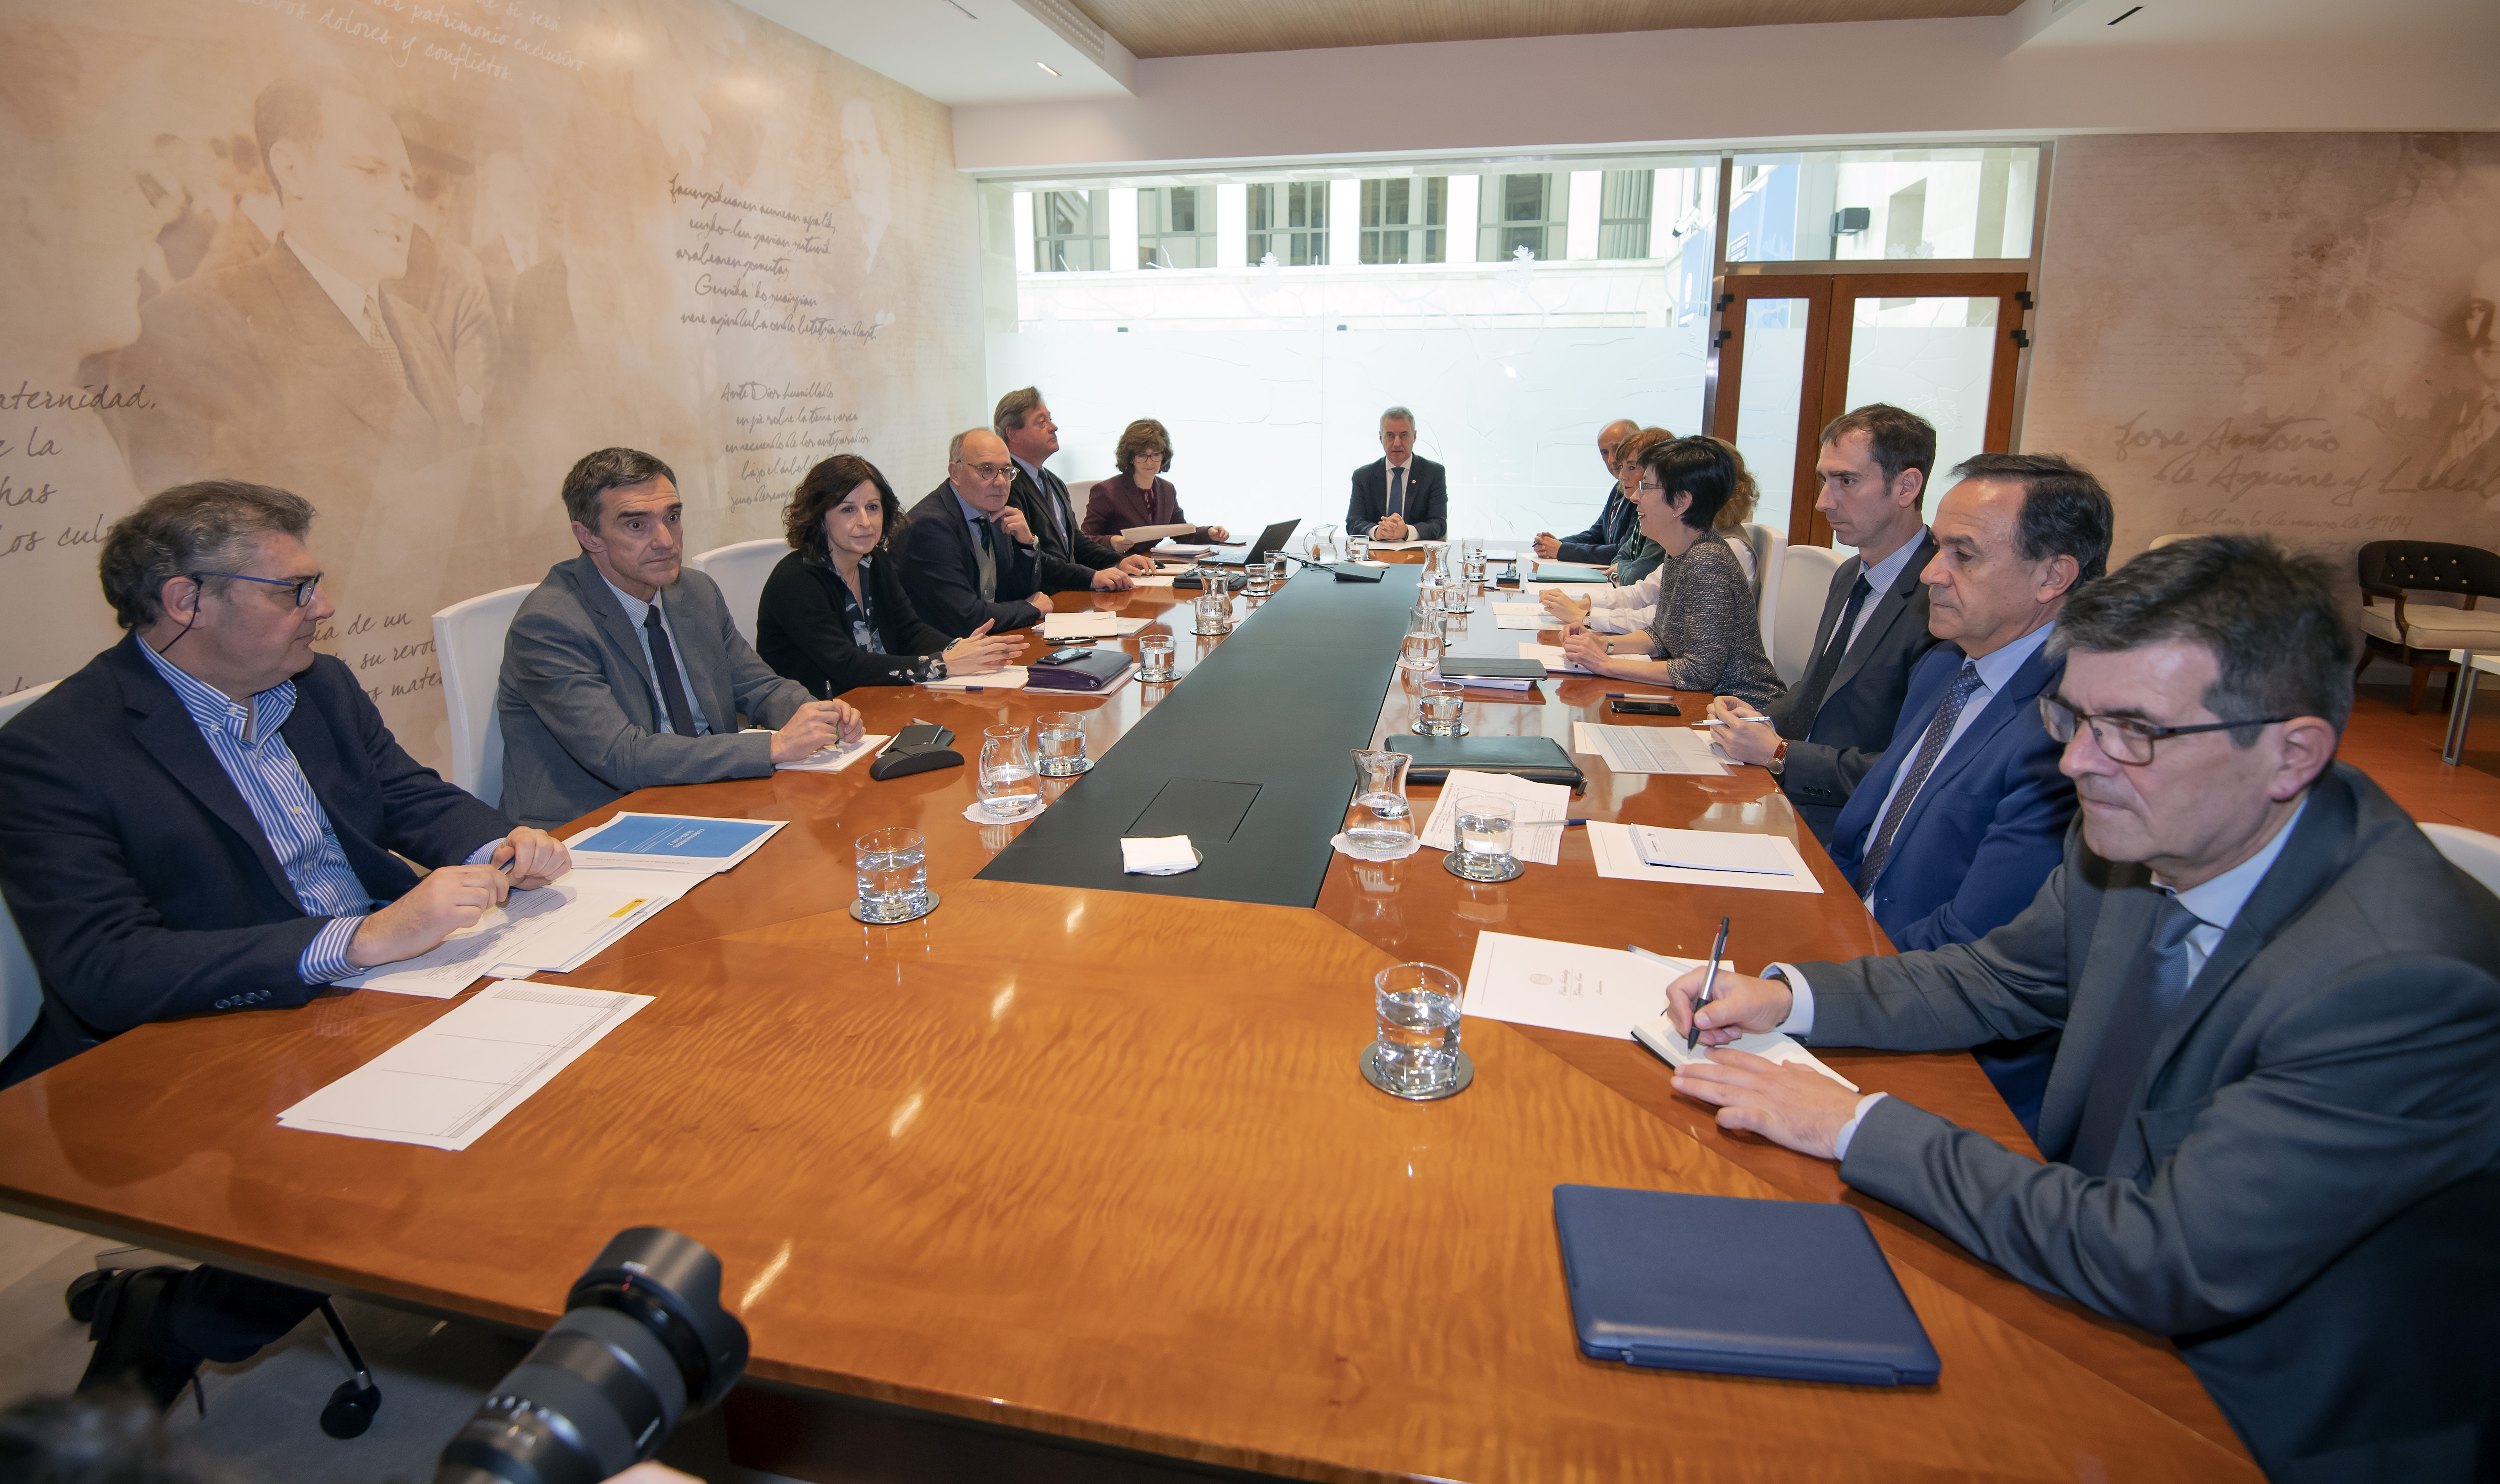 El Lehendakari preside la mesa de coordinación para la actuación concertada del Gobierno Vasco ante el coronavirus